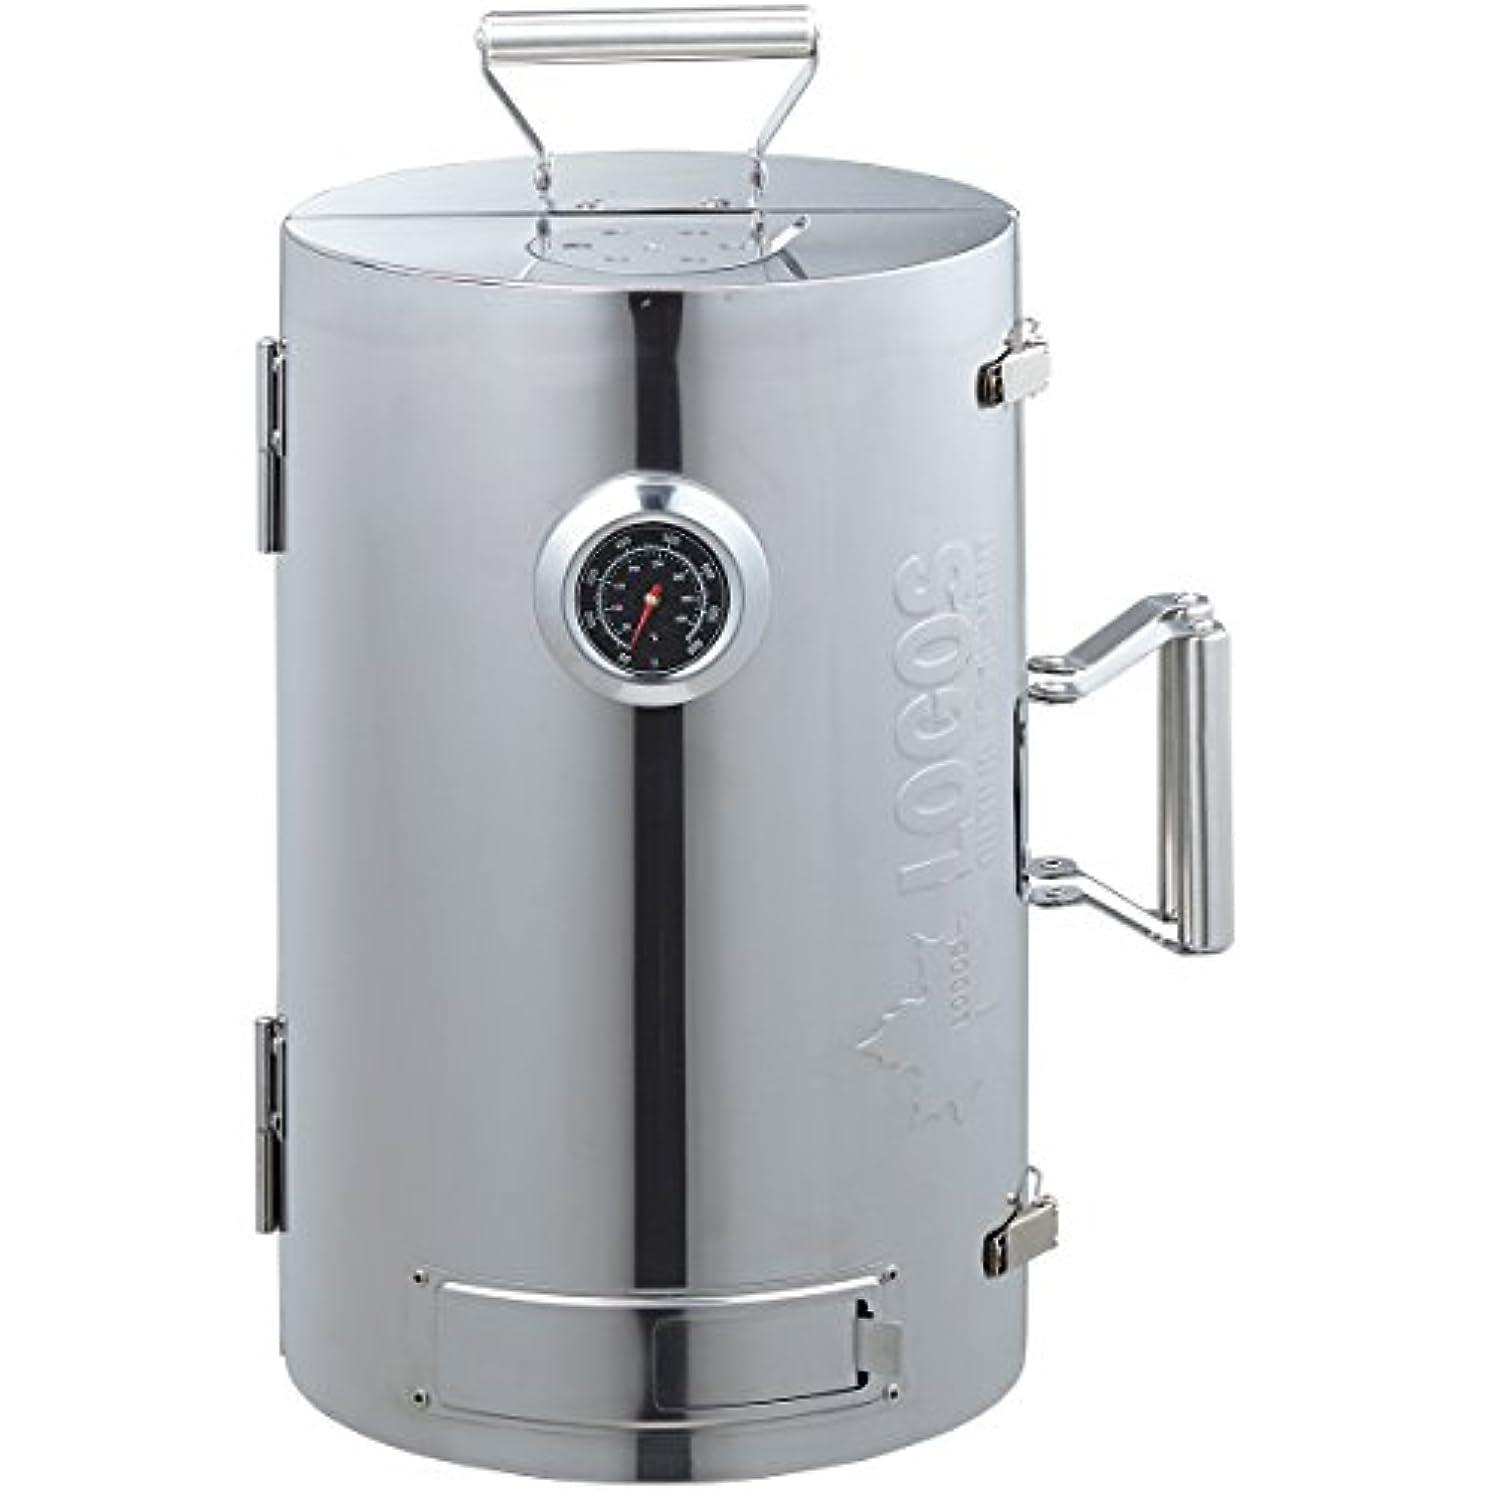 四回豚肉深めるロゴス(LOGOS) スモーカー LOGOSの森林 スモークタワー 燻煙器 円筒型 180度開閉タイプ 熱源不要